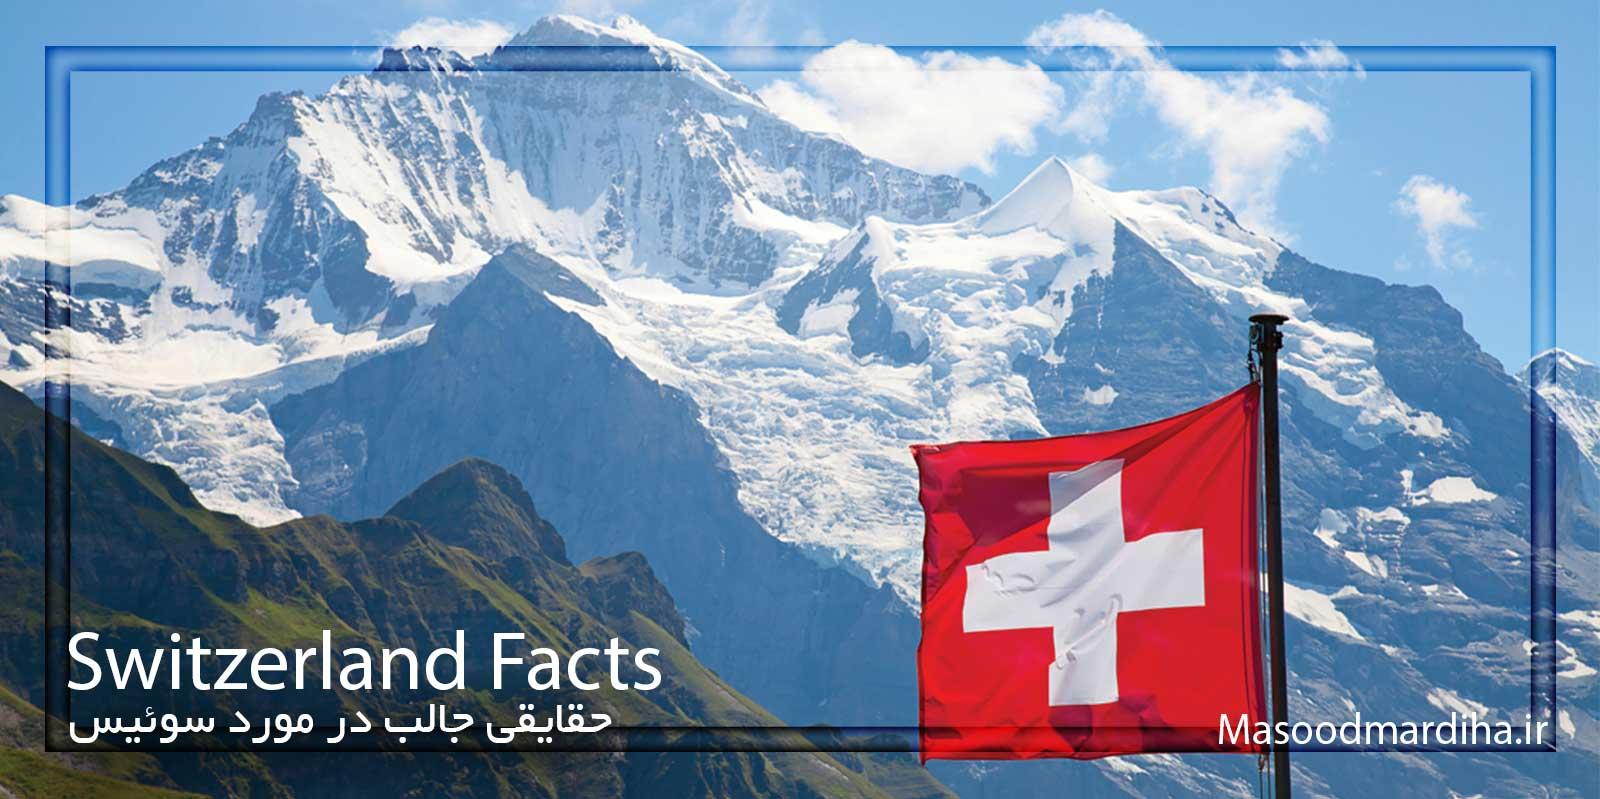 حقایق و اطلاعاتی درباره کشور سوئیس